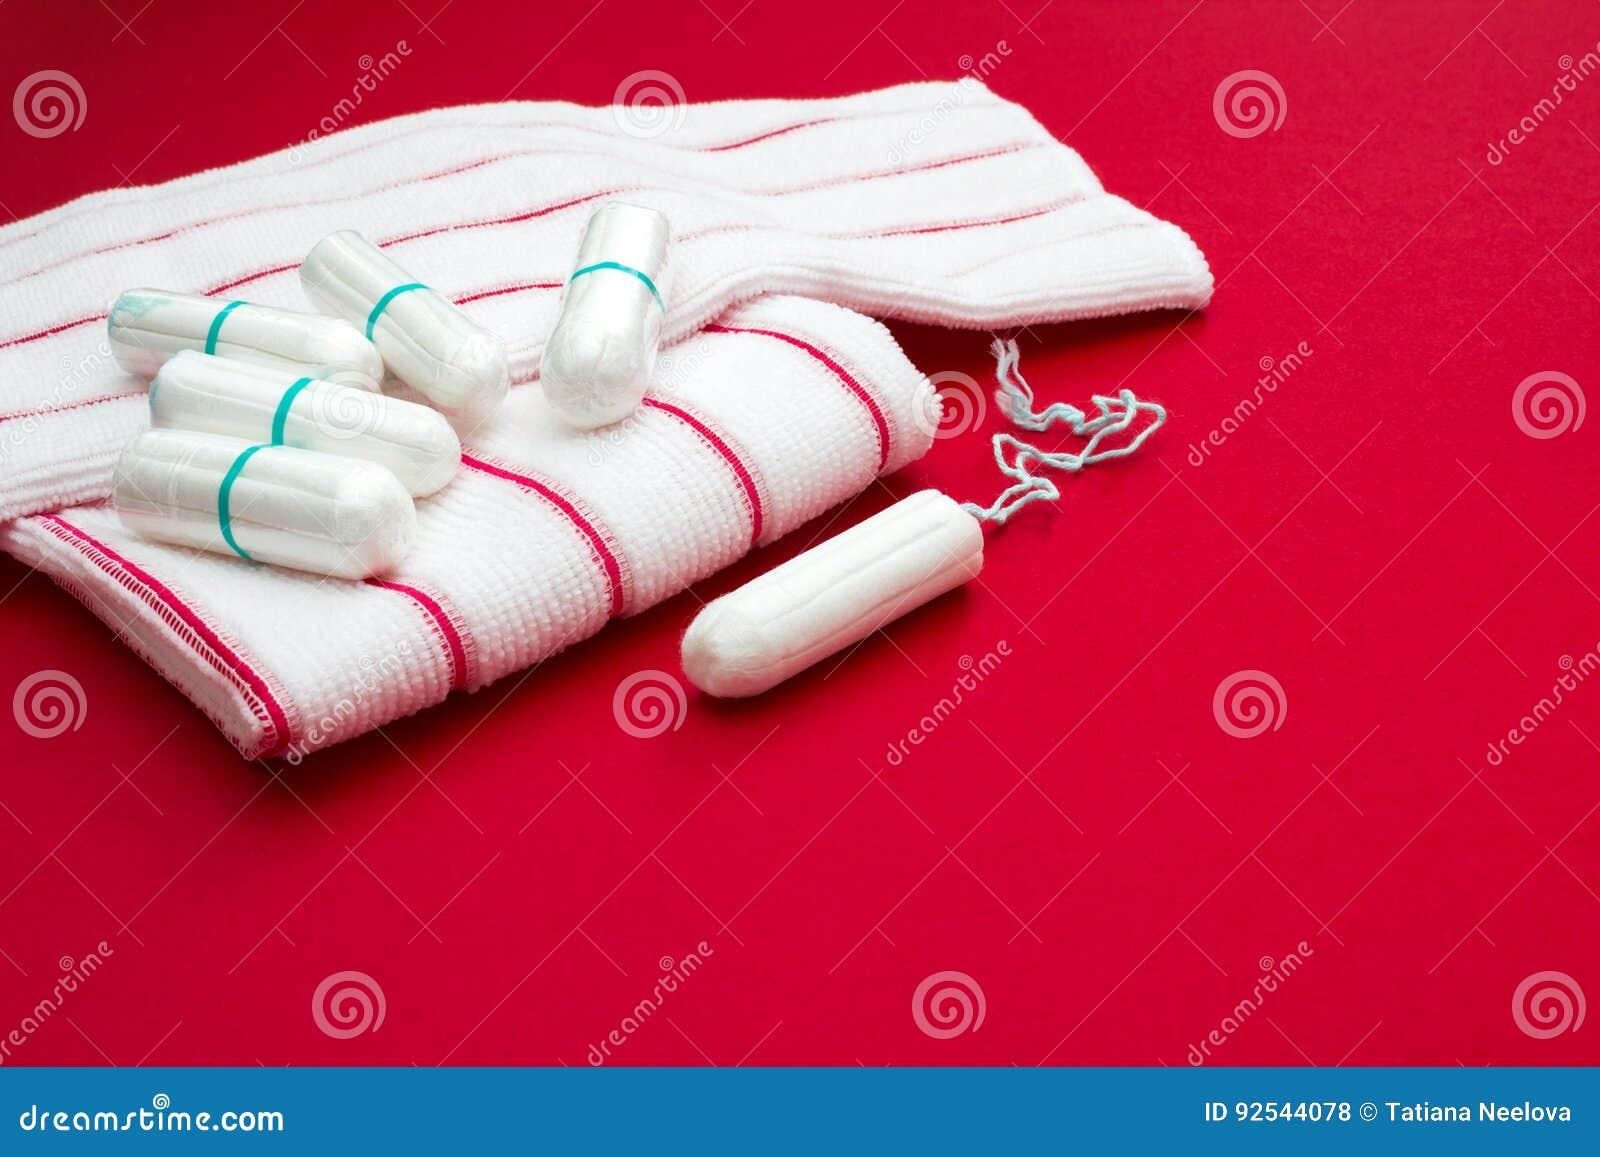 Jours critiques de femme, cycle gynécologique de règles, période de sang Serviettes rouges de bain de Terry et coton mou sanitair